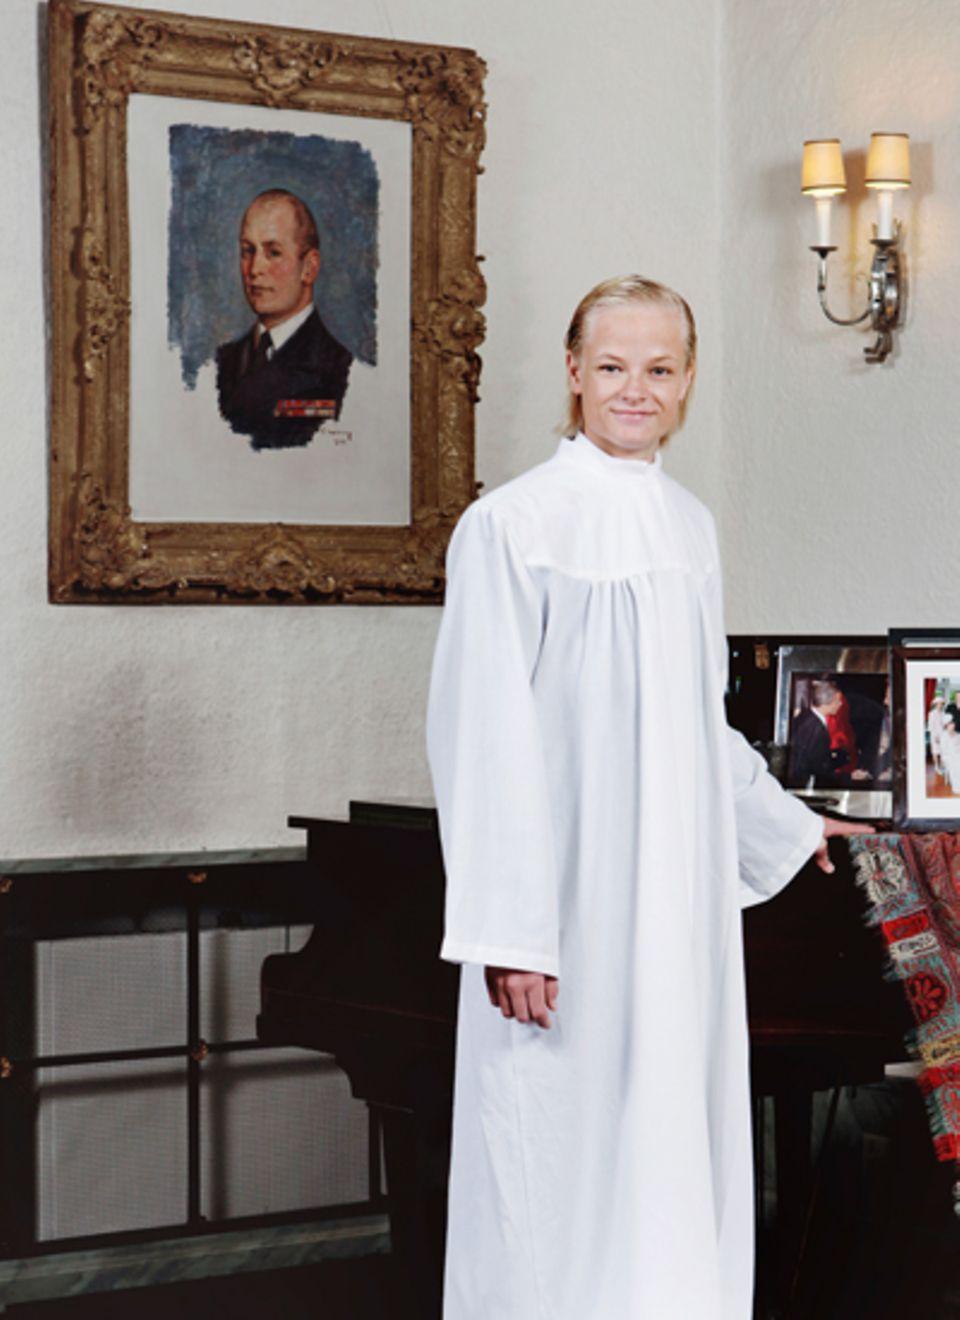 2. September 2012: Der königliche Palast veröffentlicht dieses offizielle Fotot des Konfirmanden Marius Borg Høiby.